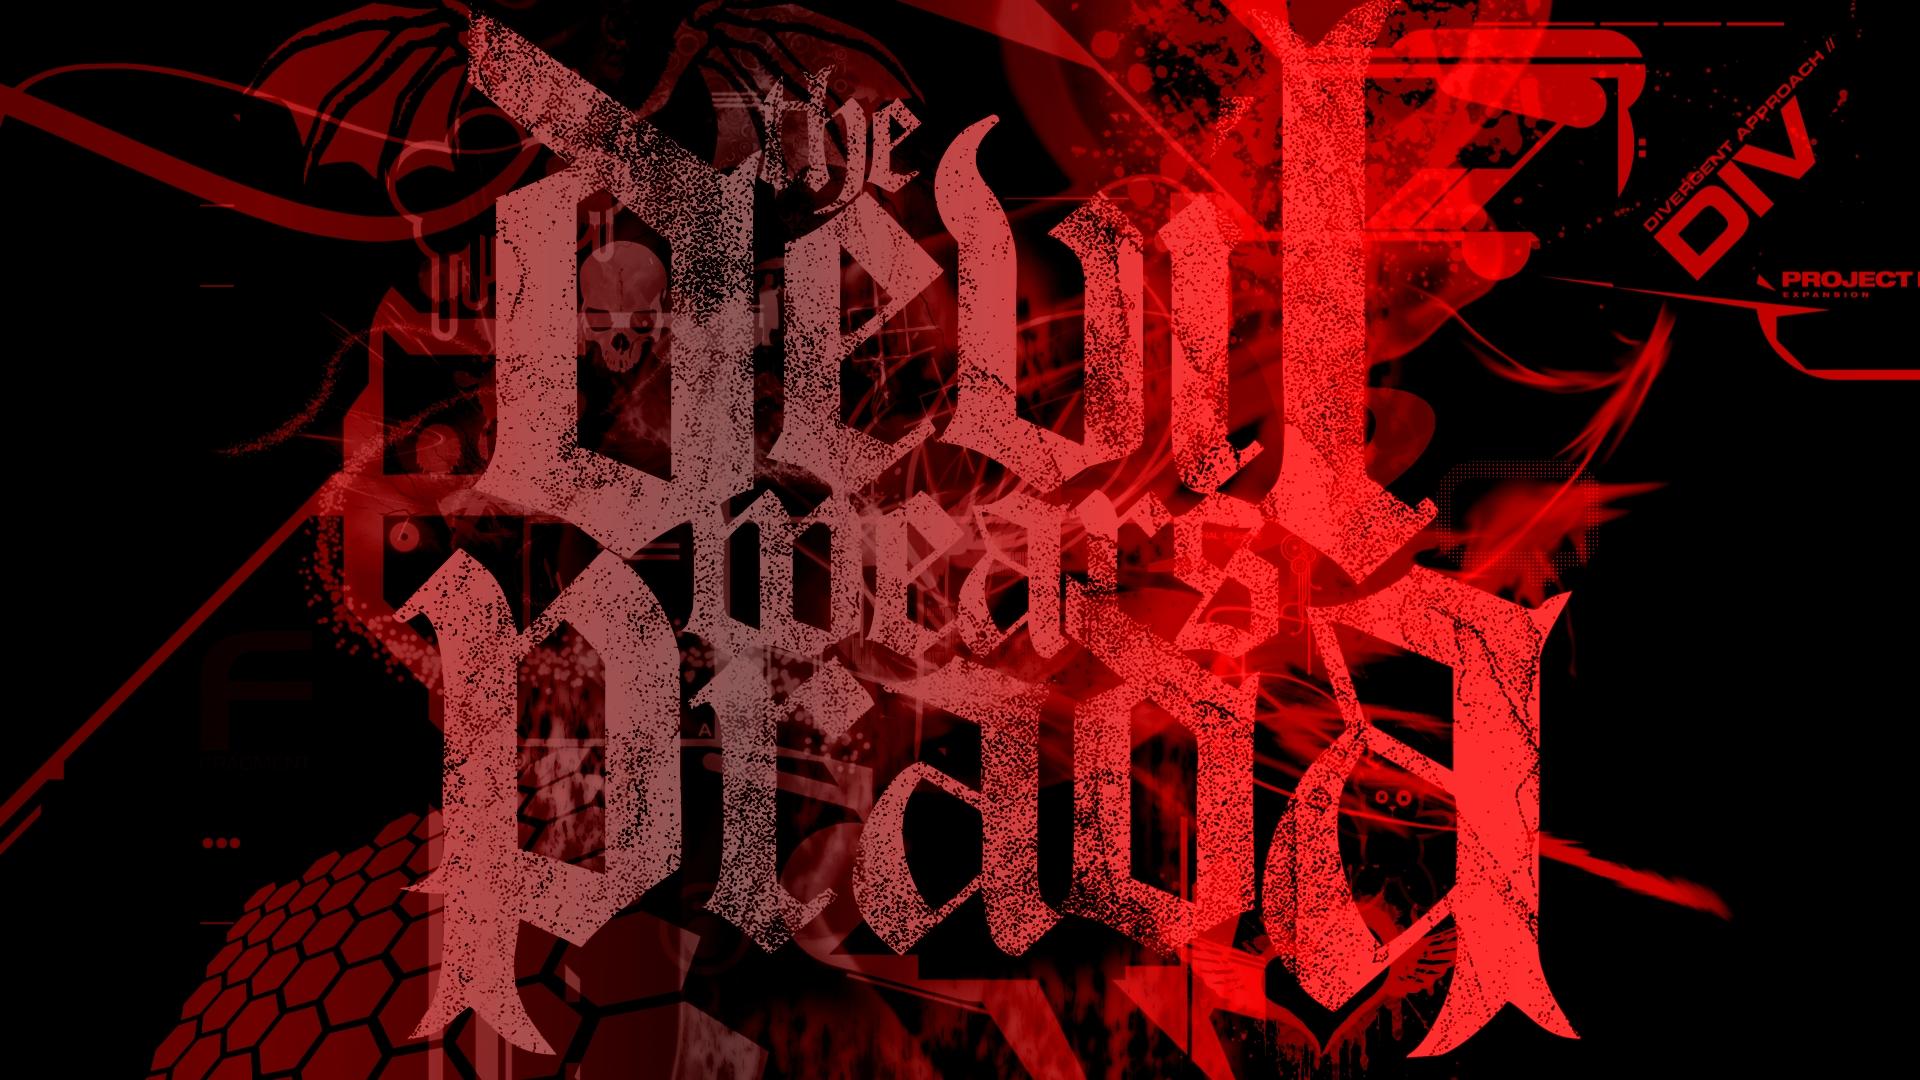 devil wears prada wallpaper 322312